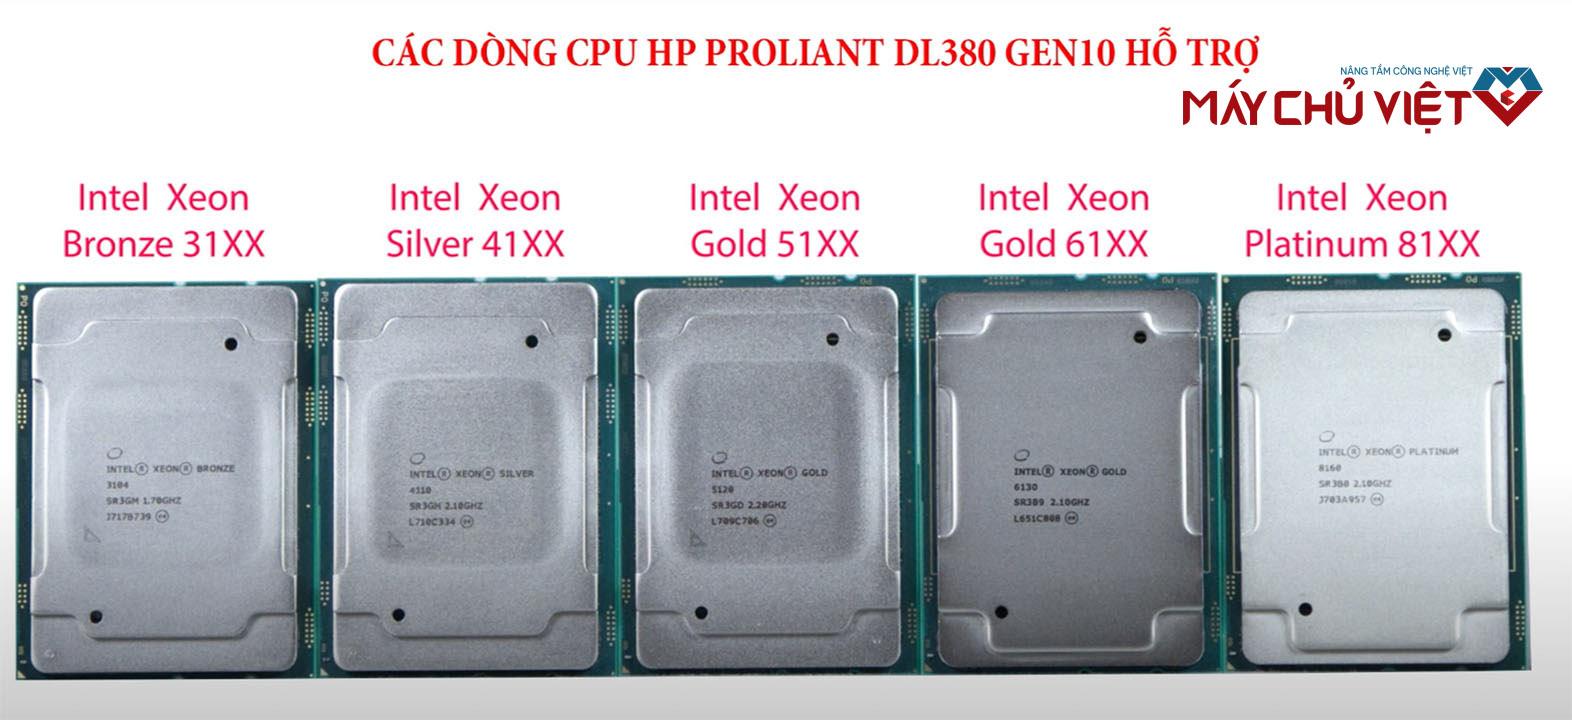 Các dòng CPU HP DL380 G10 hỗ trợ